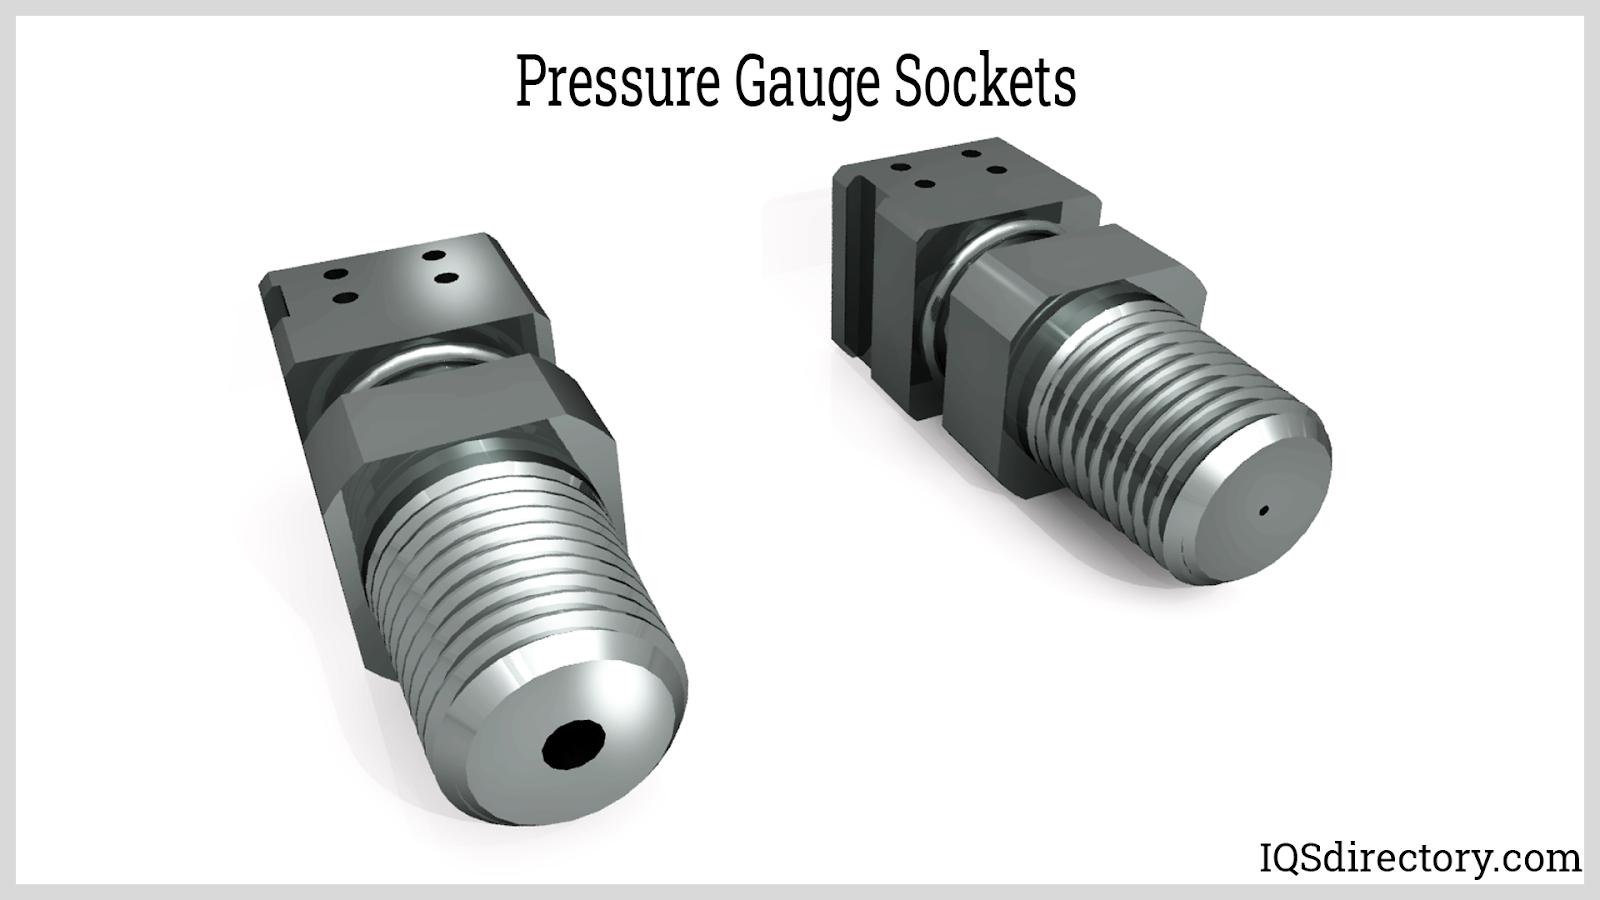 Pressure Gauge Sockets